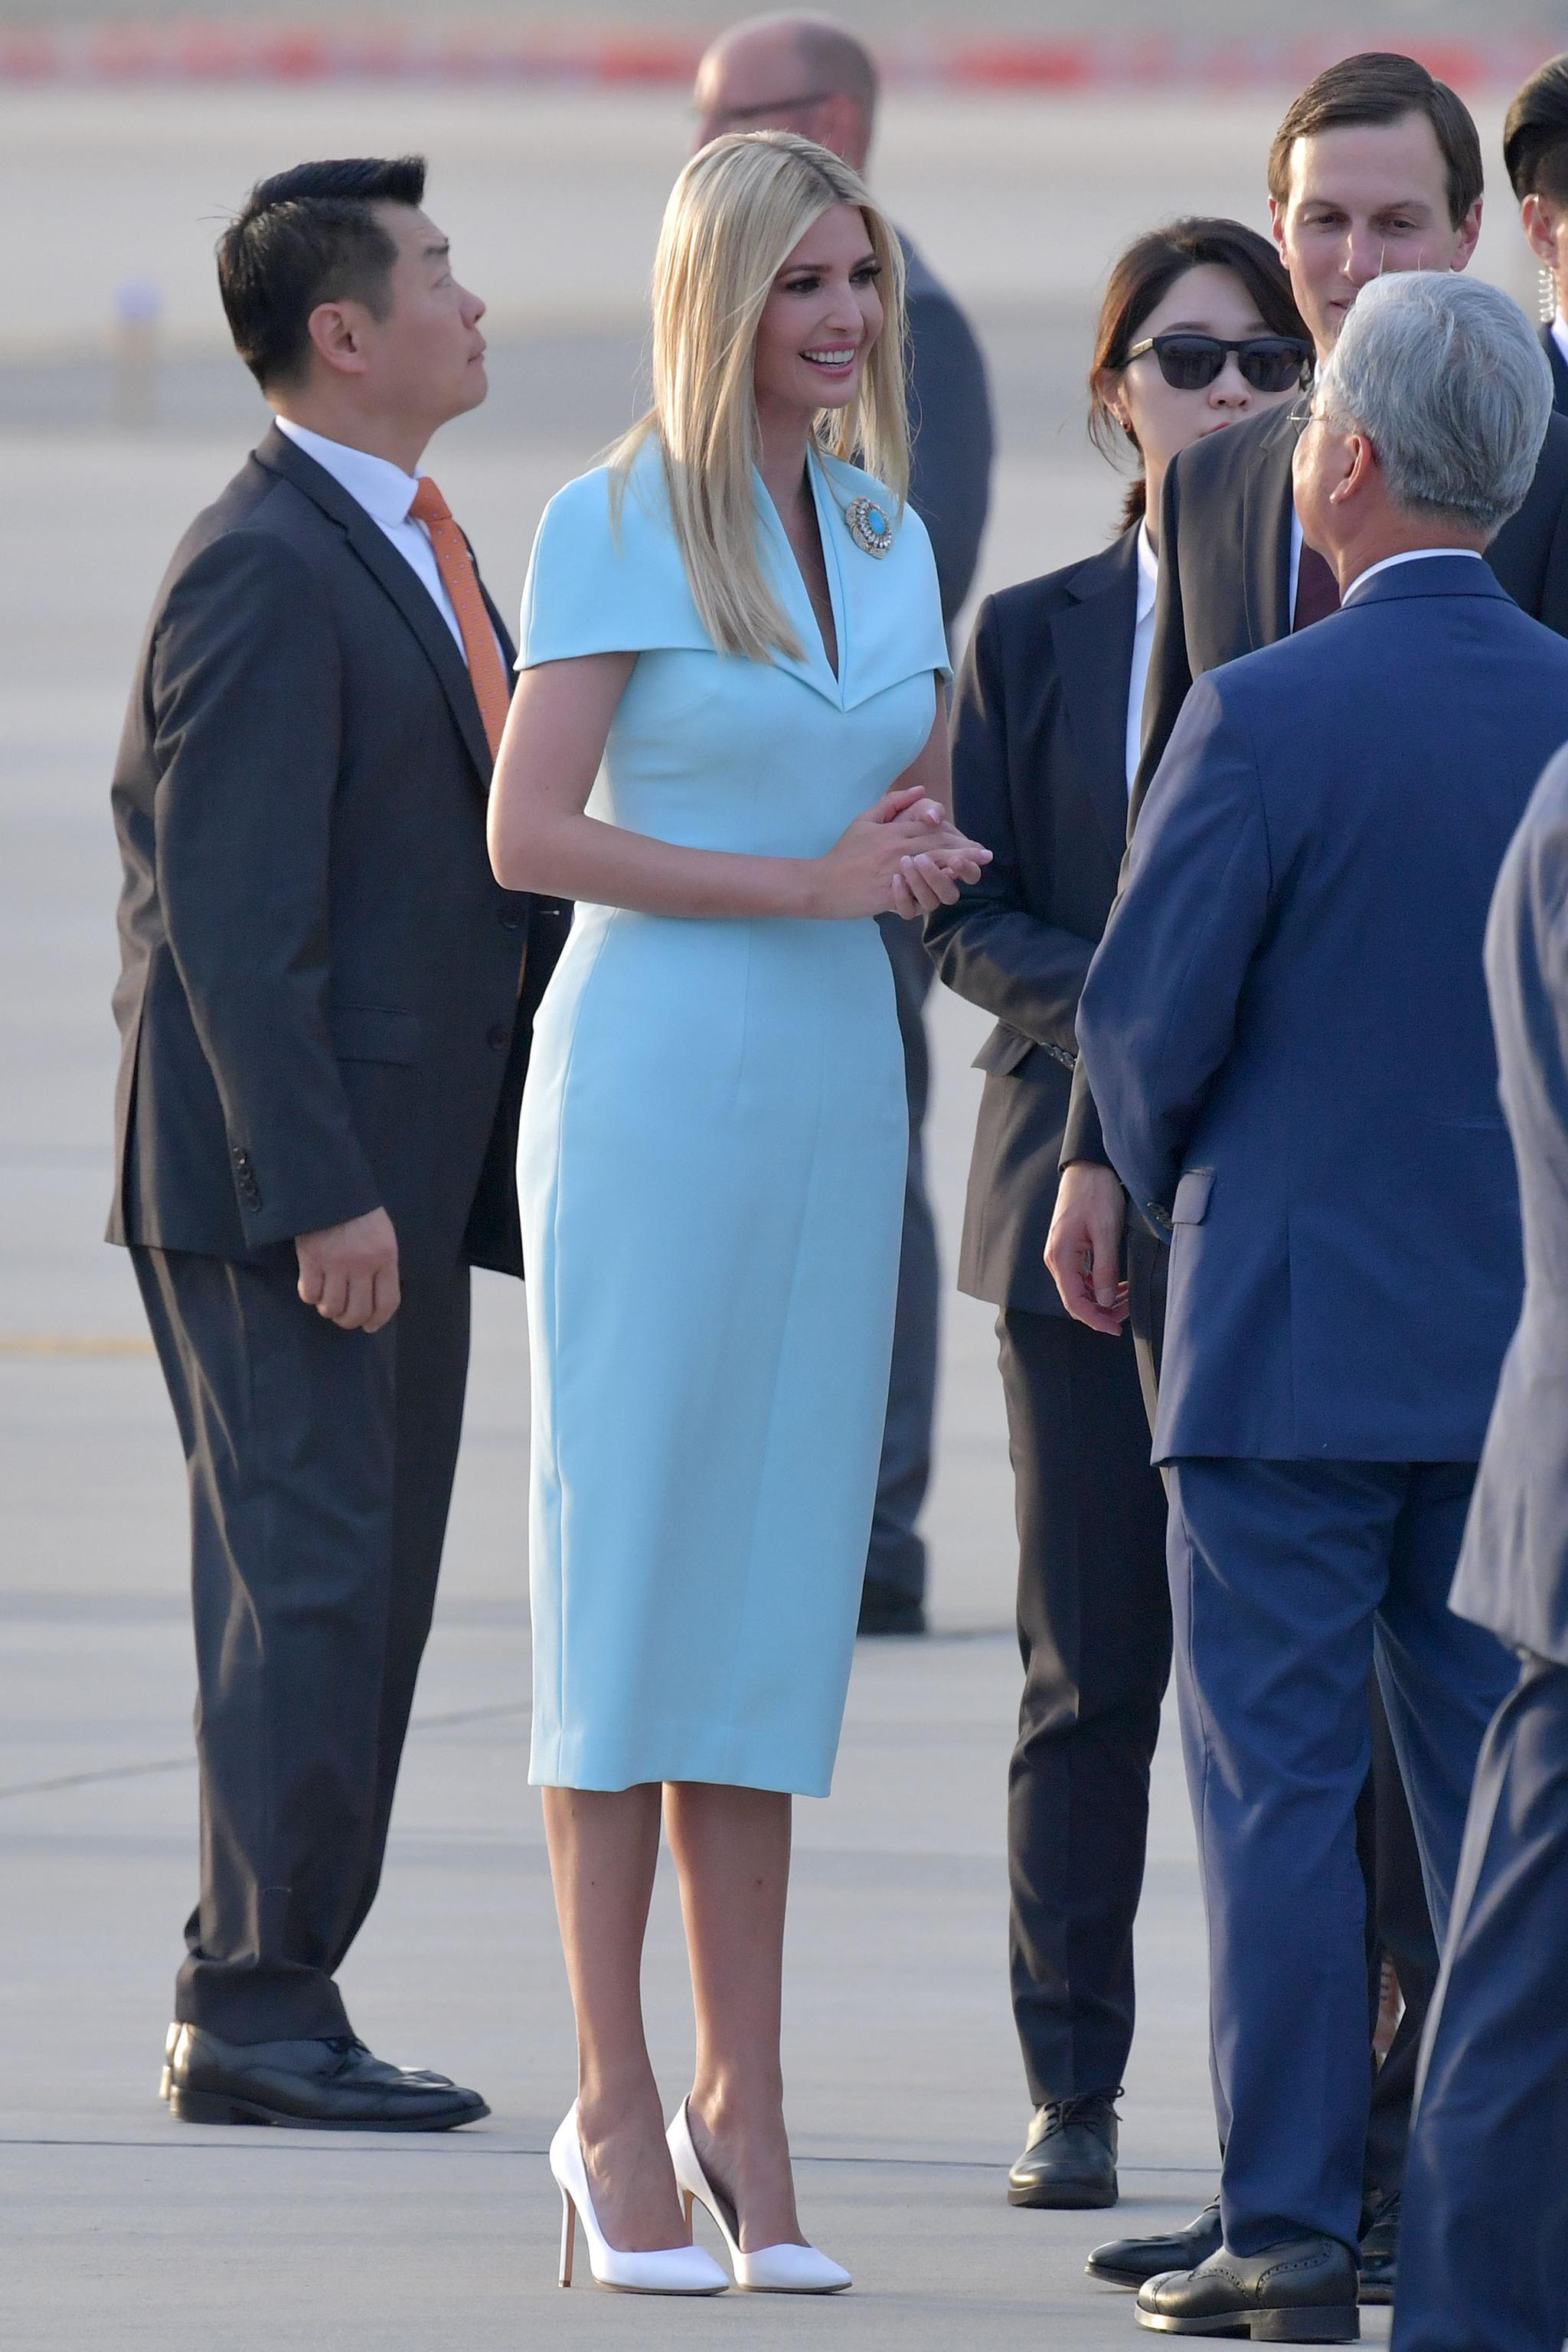 도널드 트럼프 미국 대통령의 딸 이방카가 29일 오후 경기도 오산 미 공군기지를 통해 입국하고 있다. 강정현 기자